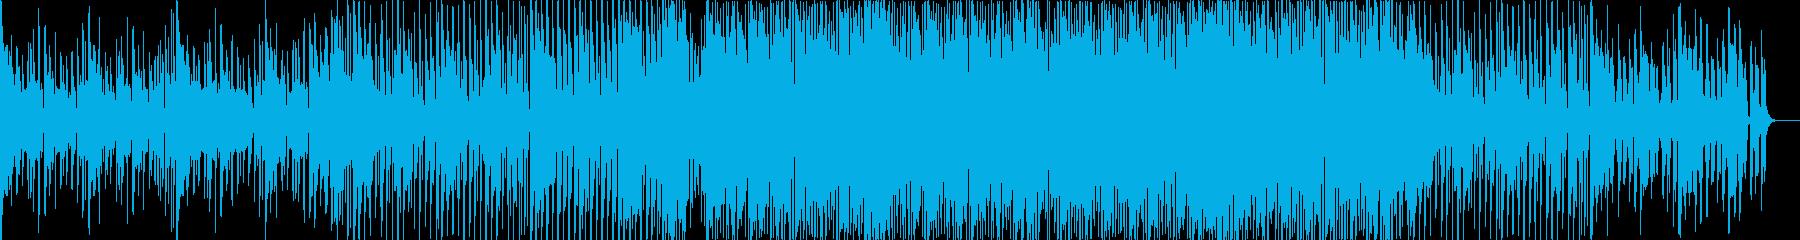 悪そうなUK Drill/トラップの再生済みの波形